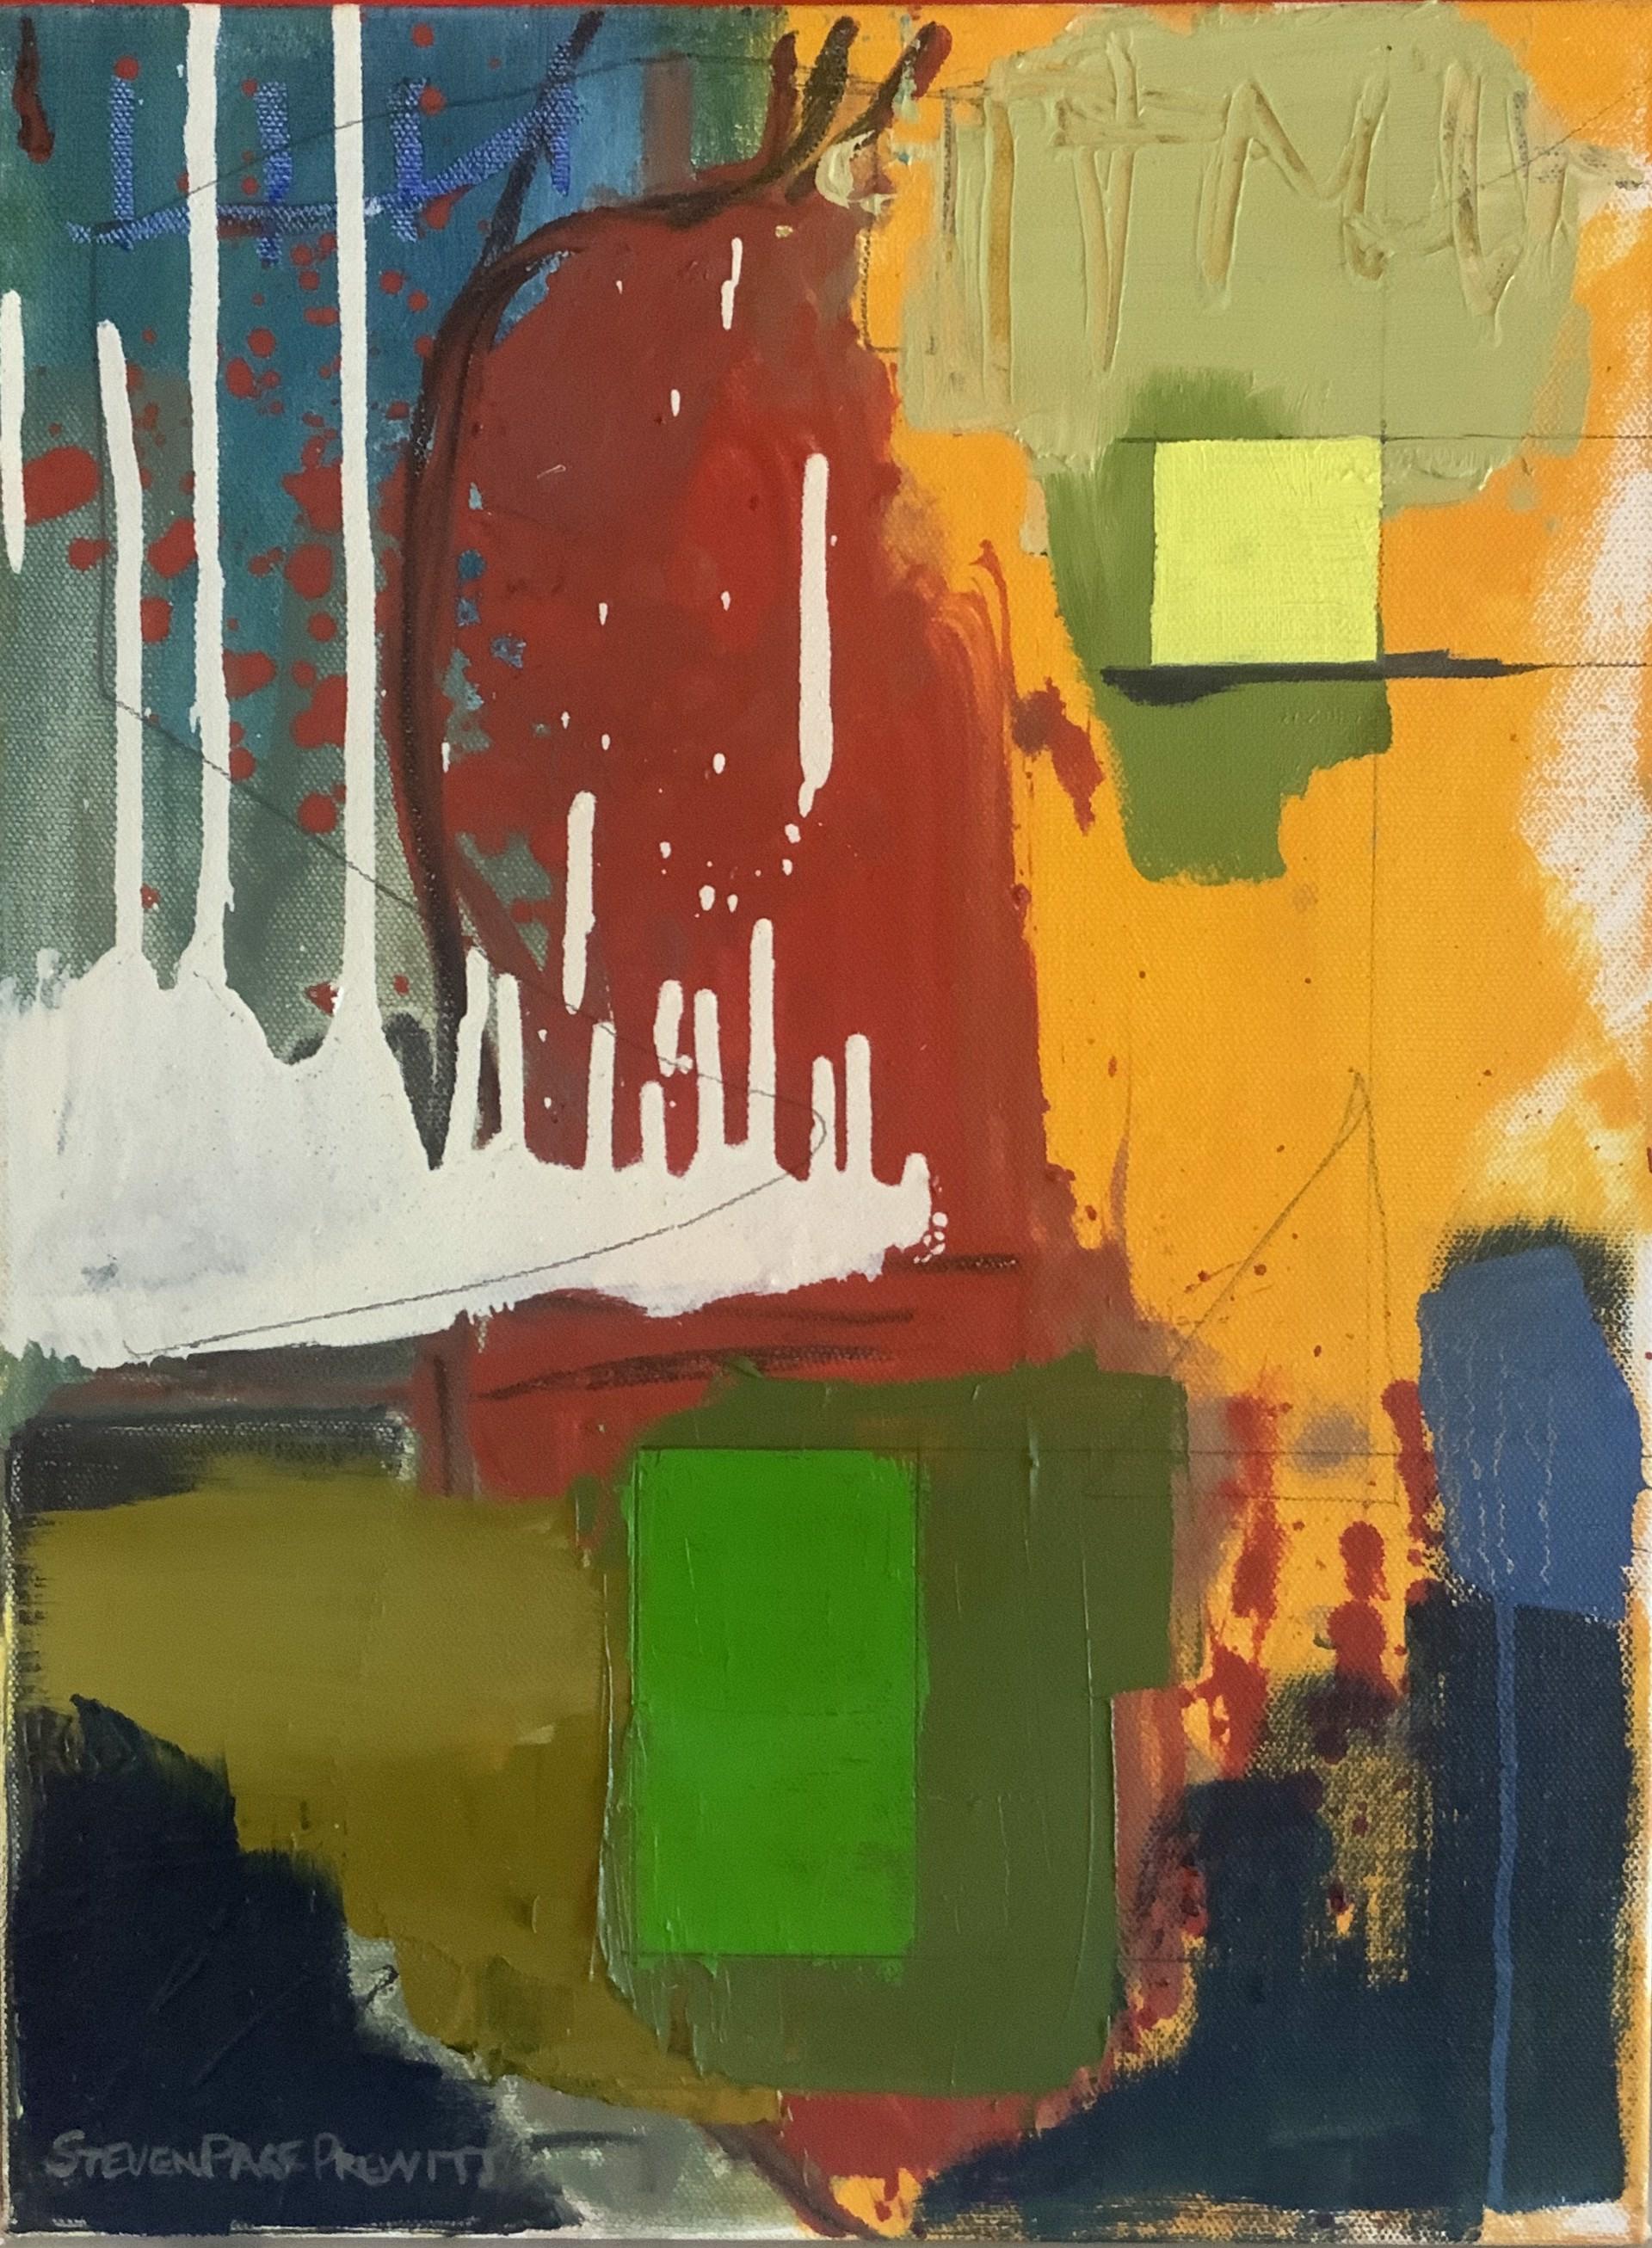 Palette XXII by stevenpage prewitt